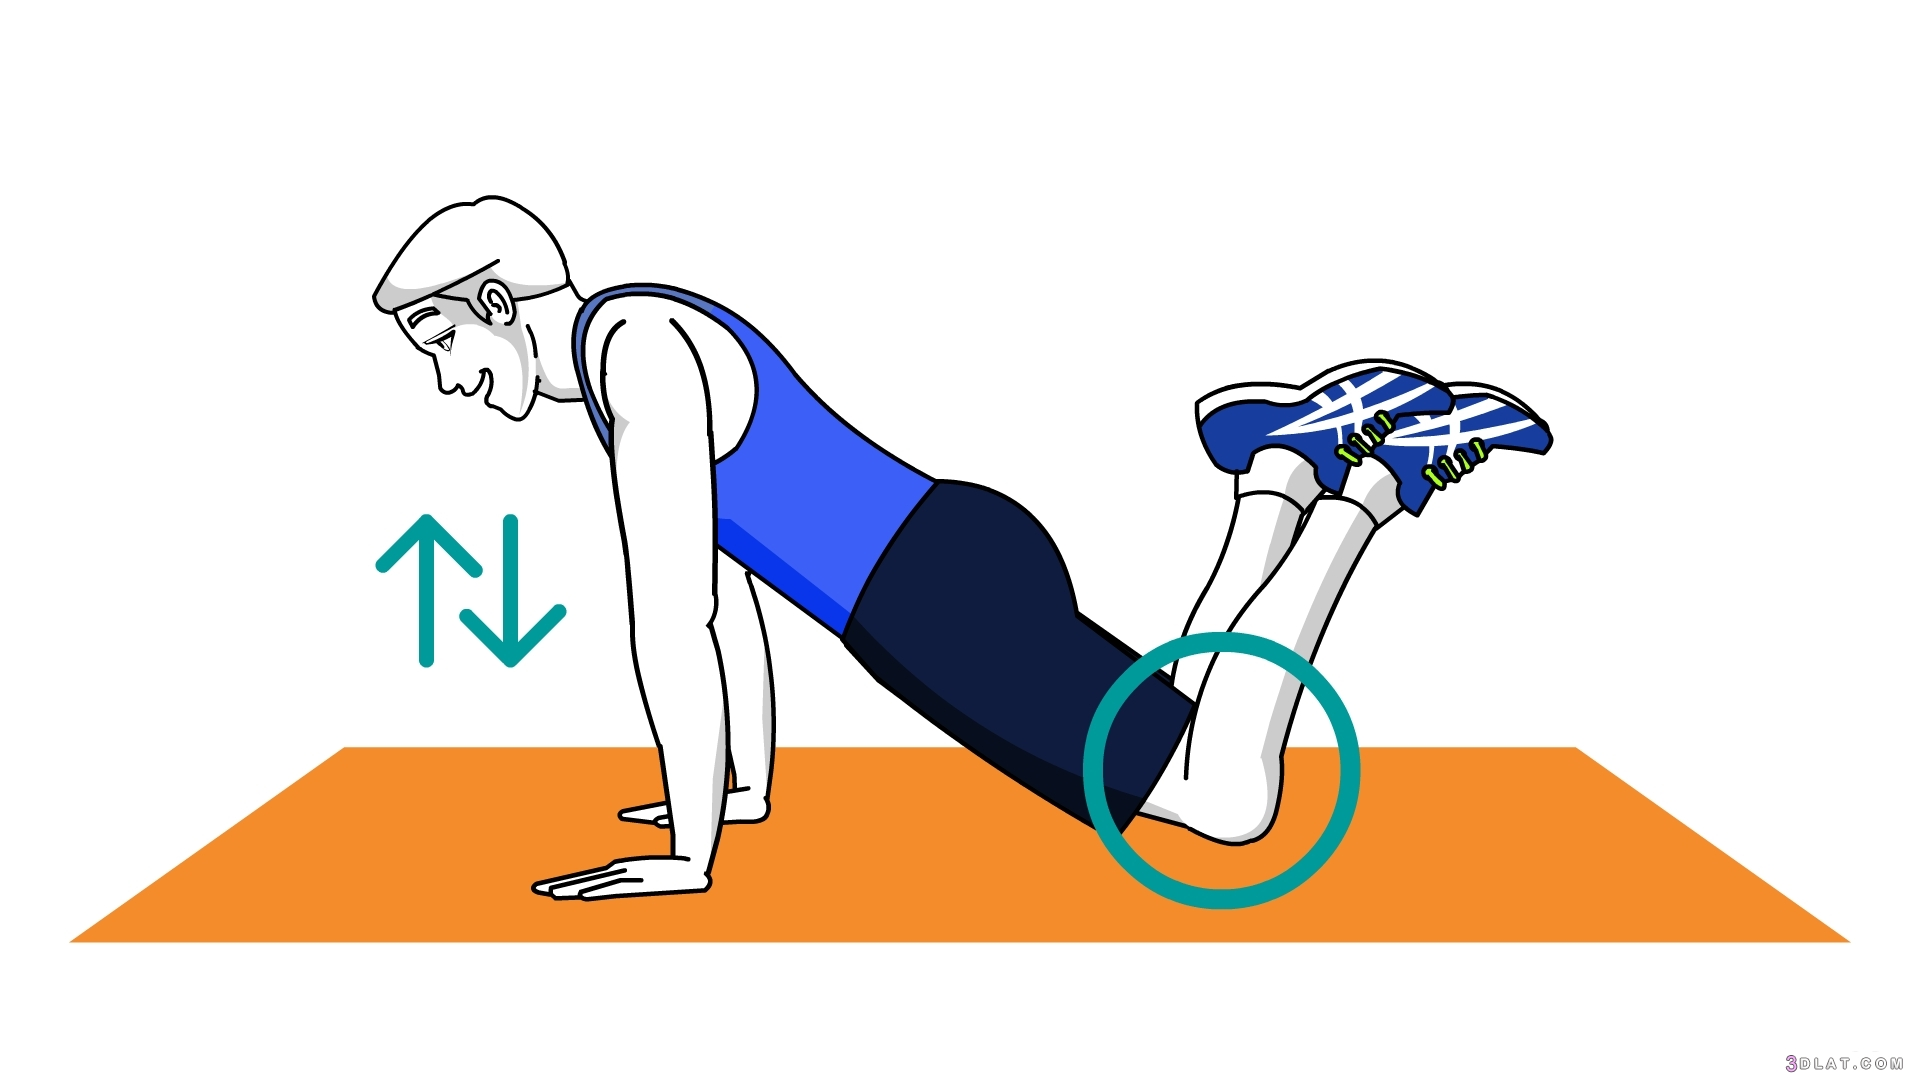 تمارين الضغط لحرق الدهون وبناء العضلات 3dlat.com_09_19_badd